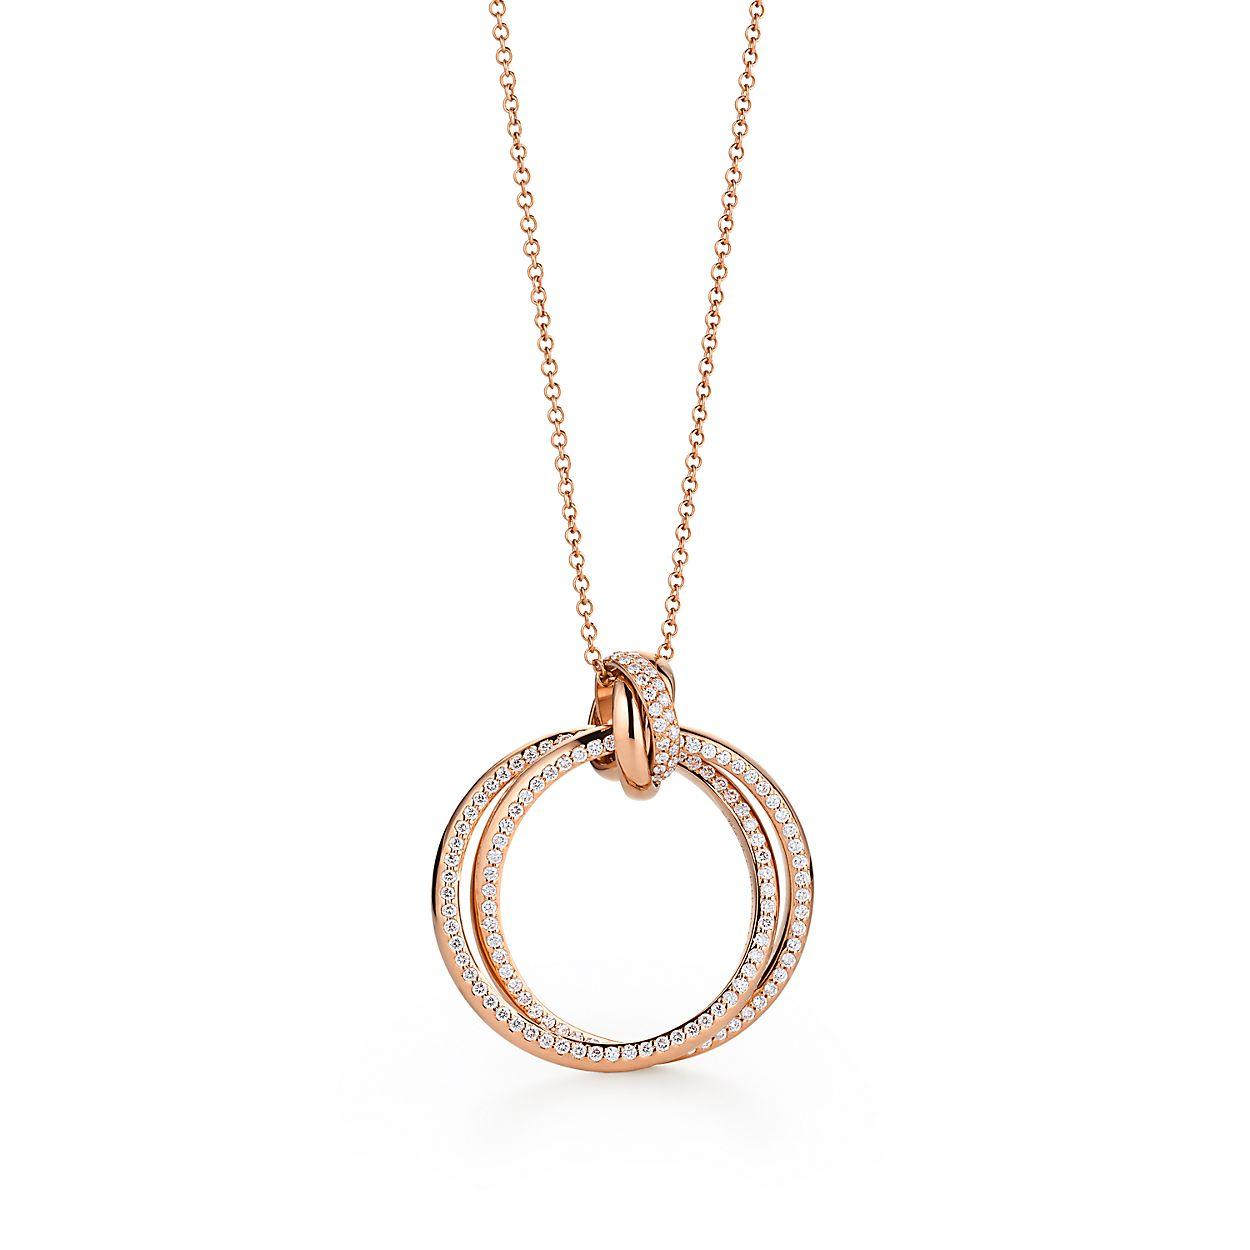 Pendentif Cercle Paloma s Melody en or rose 18 carats et diamants ... 20ce8945ef64